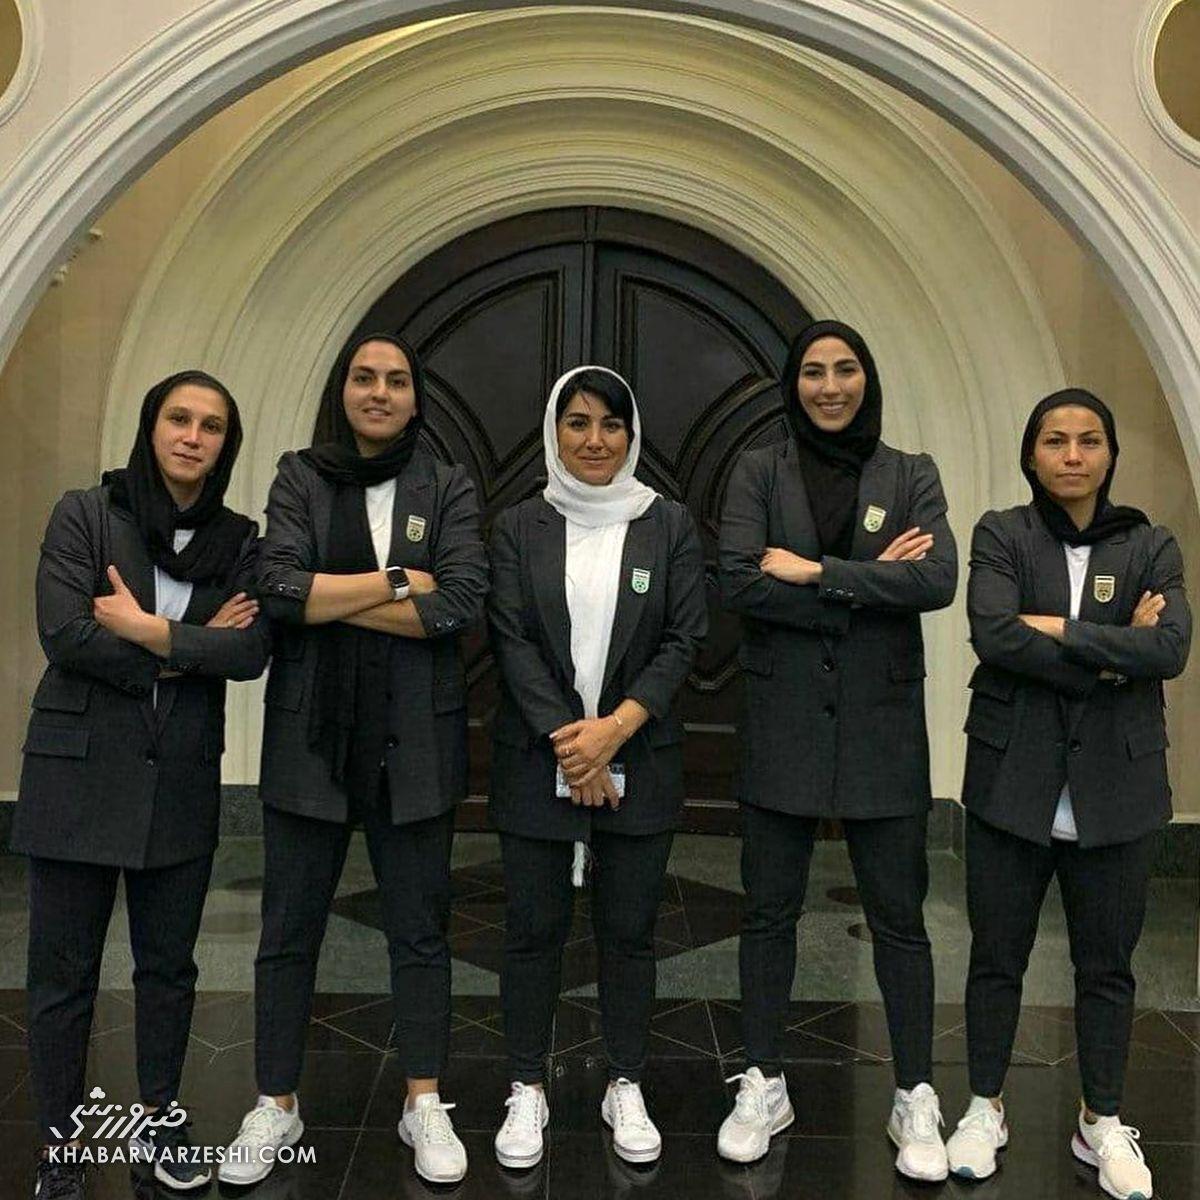 خوب شد با لباس های متحدالشکل وارد ازبکستان شدیم/ عده ای شروع به بهانه گیری کردند!